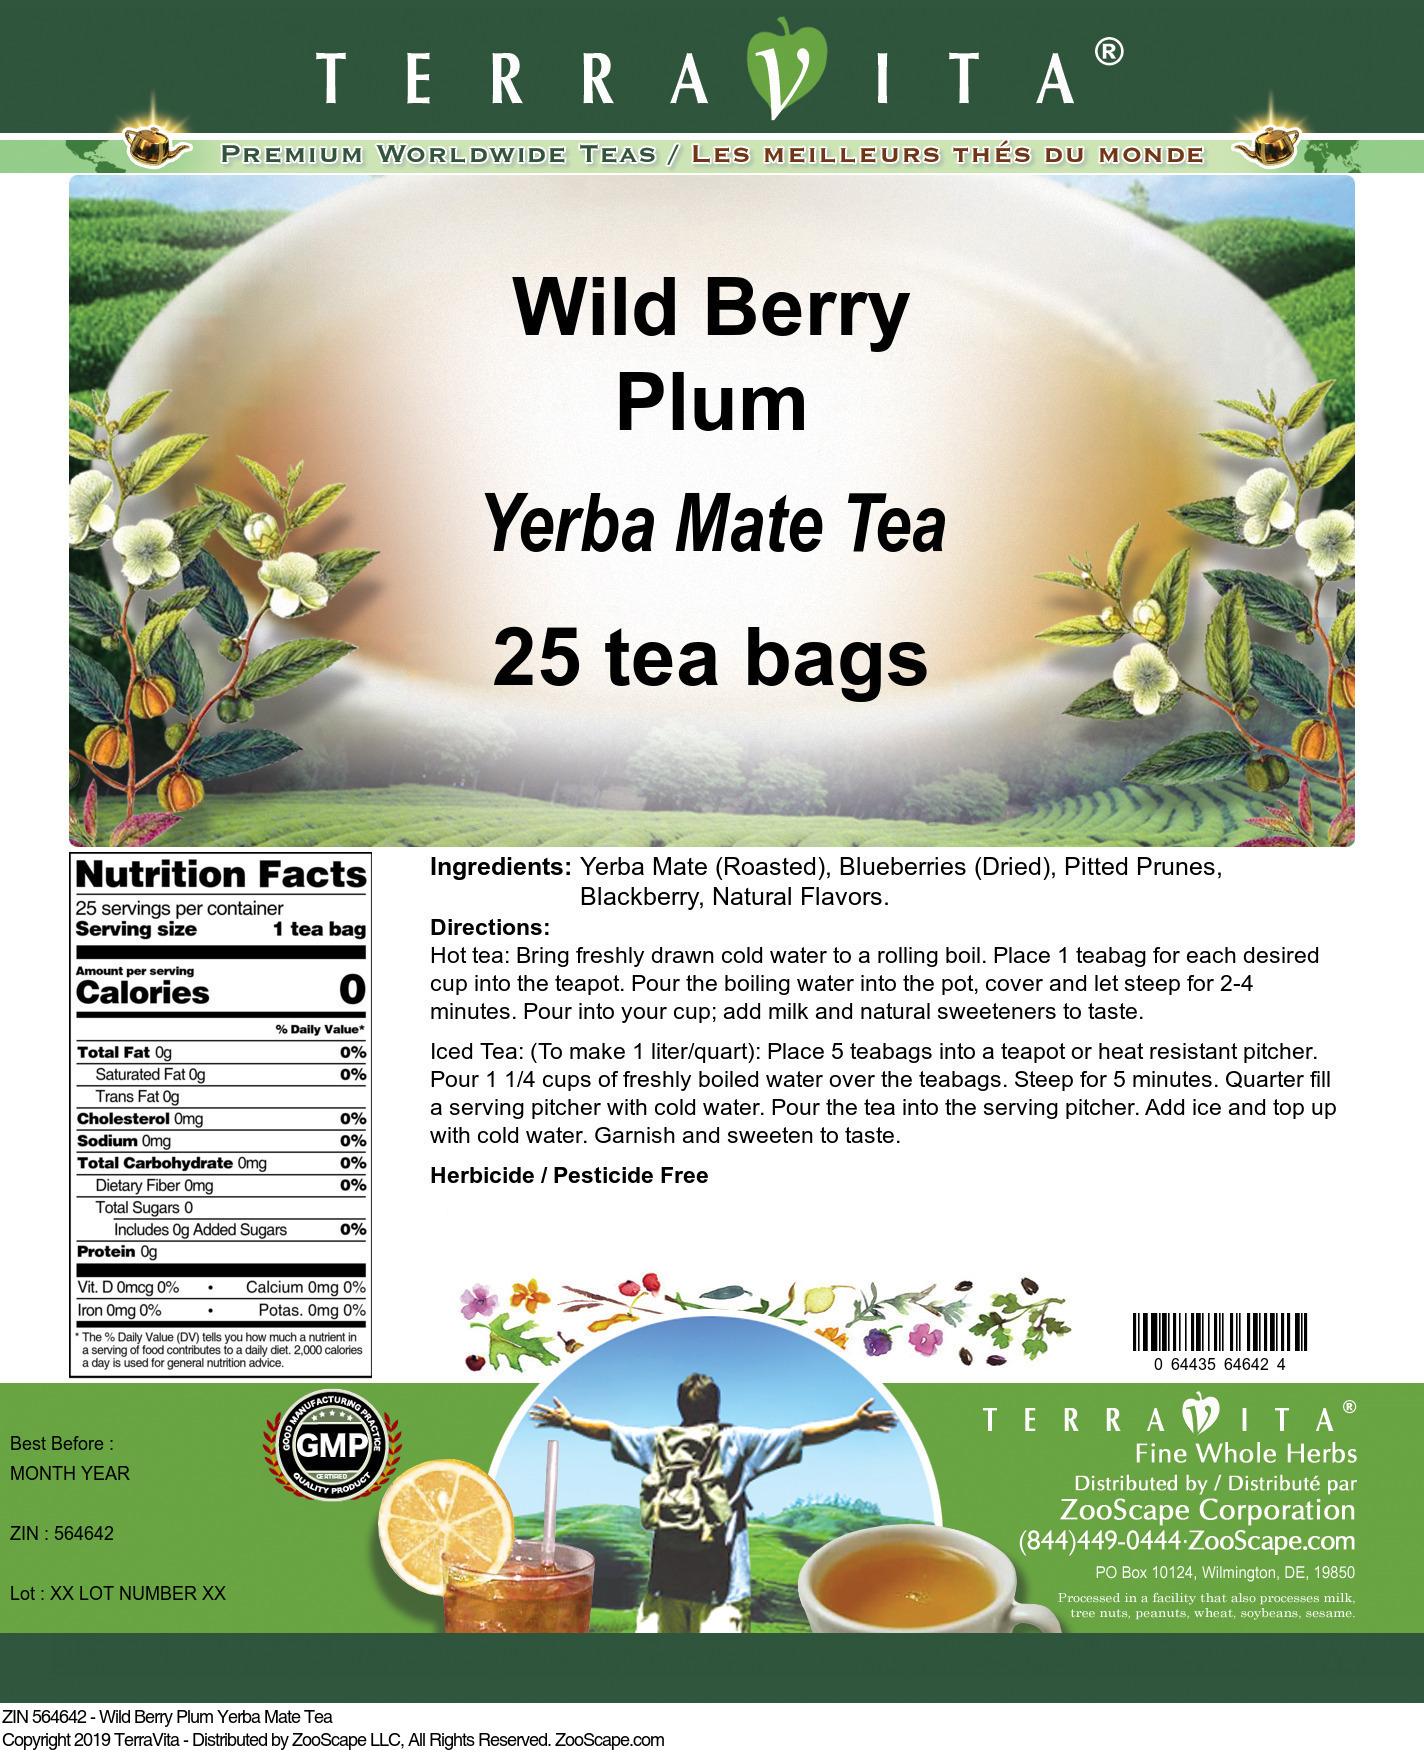 Wild Berry Plum Yerba Mate